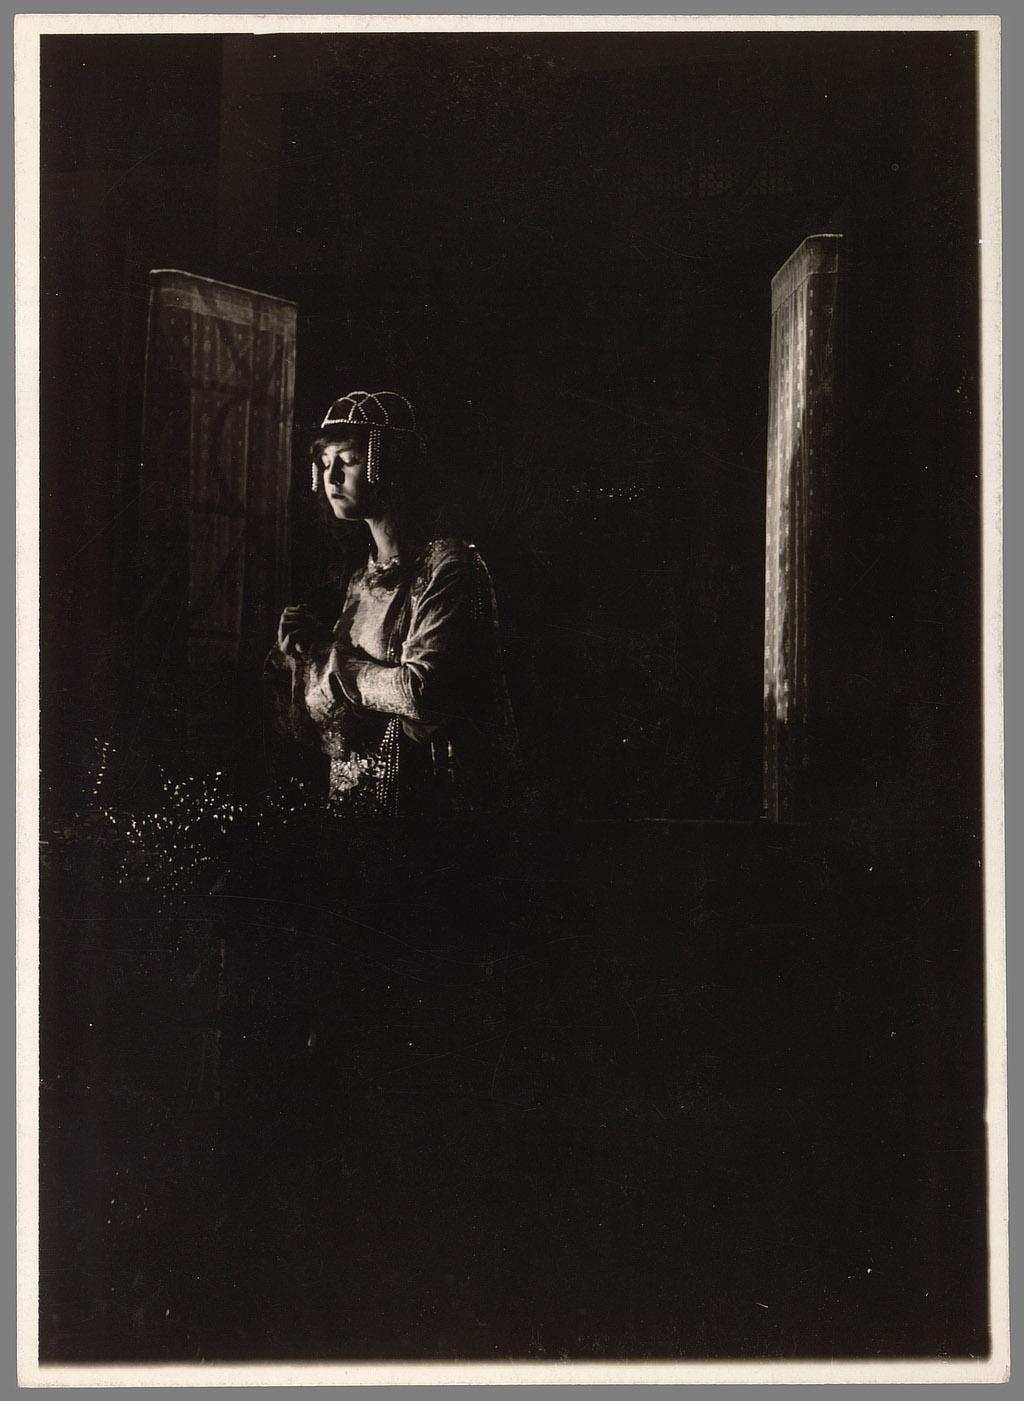 morissey-edward-stage-struck-p015-00892